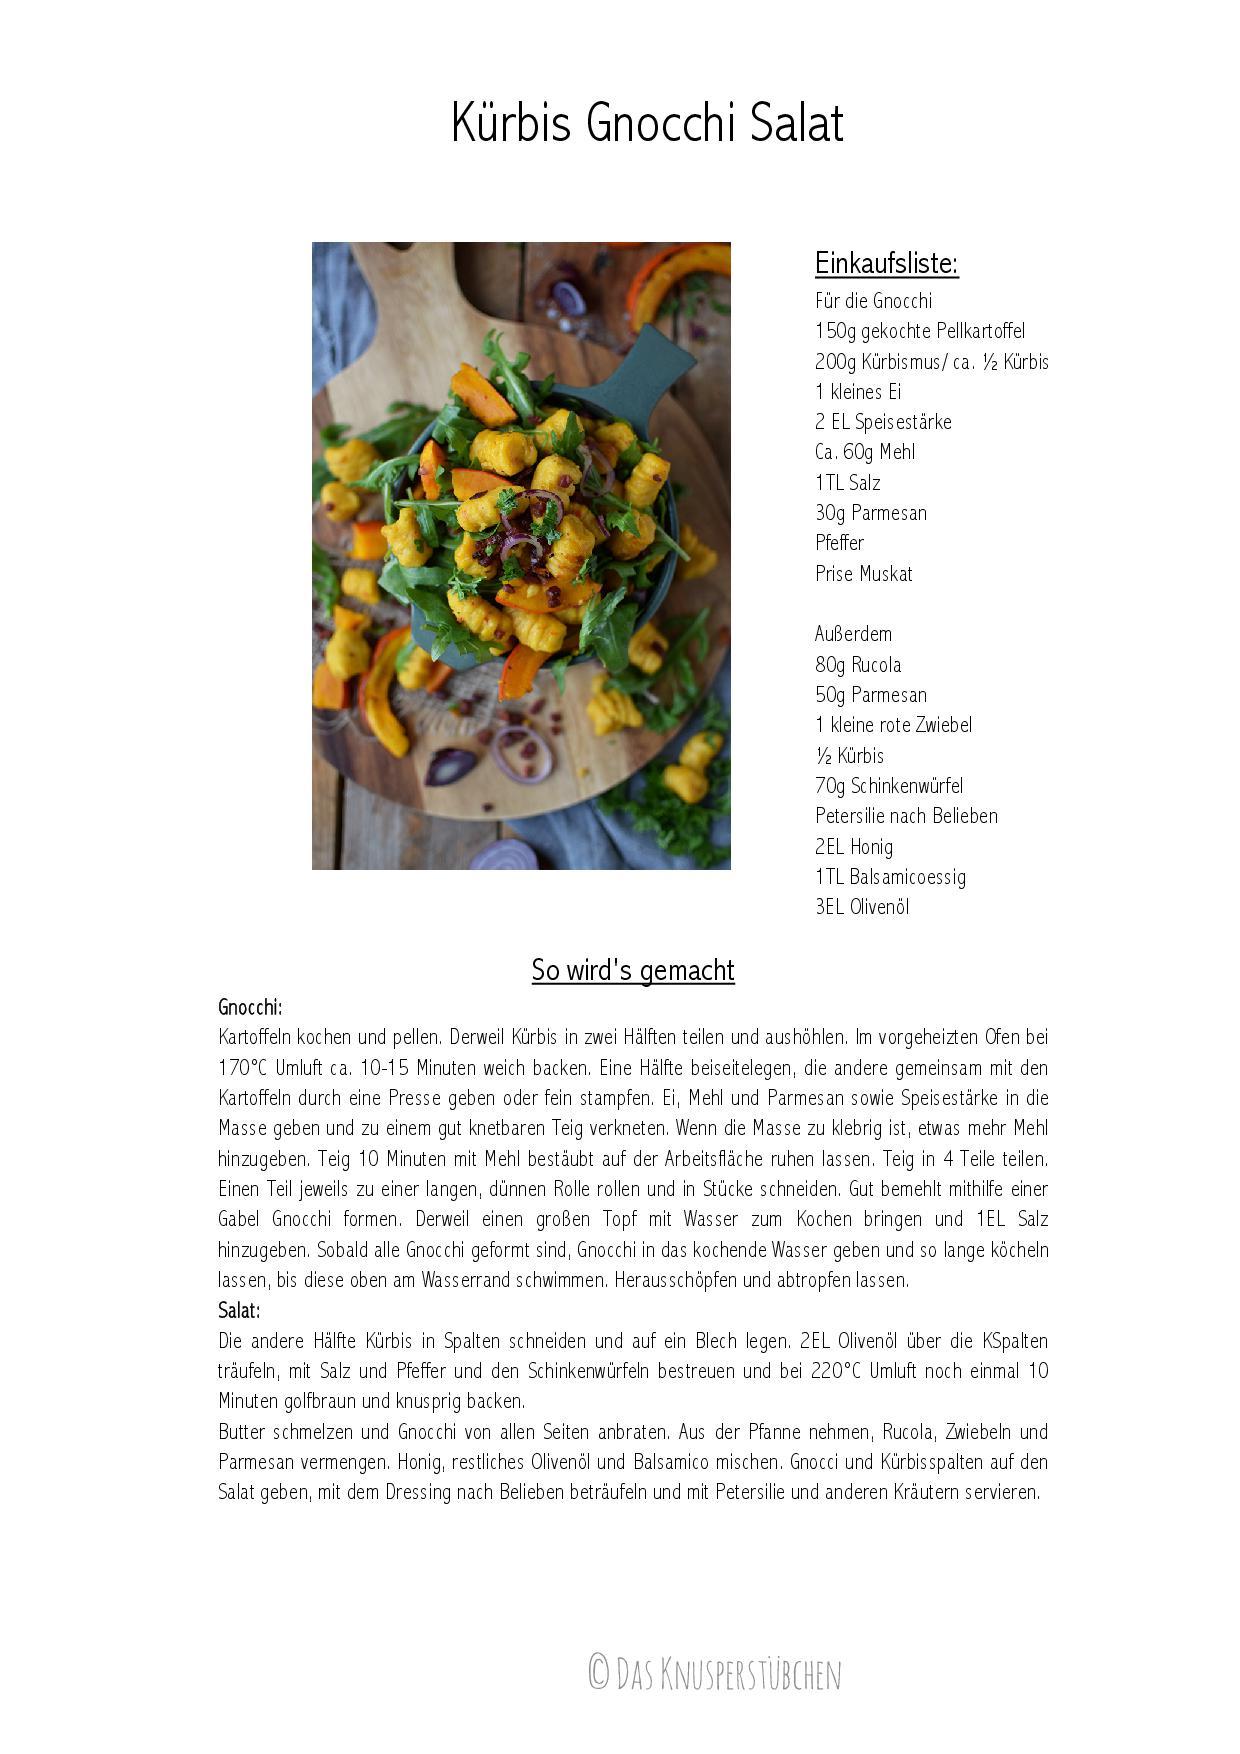 kuerbis-gnocchi-salat-001